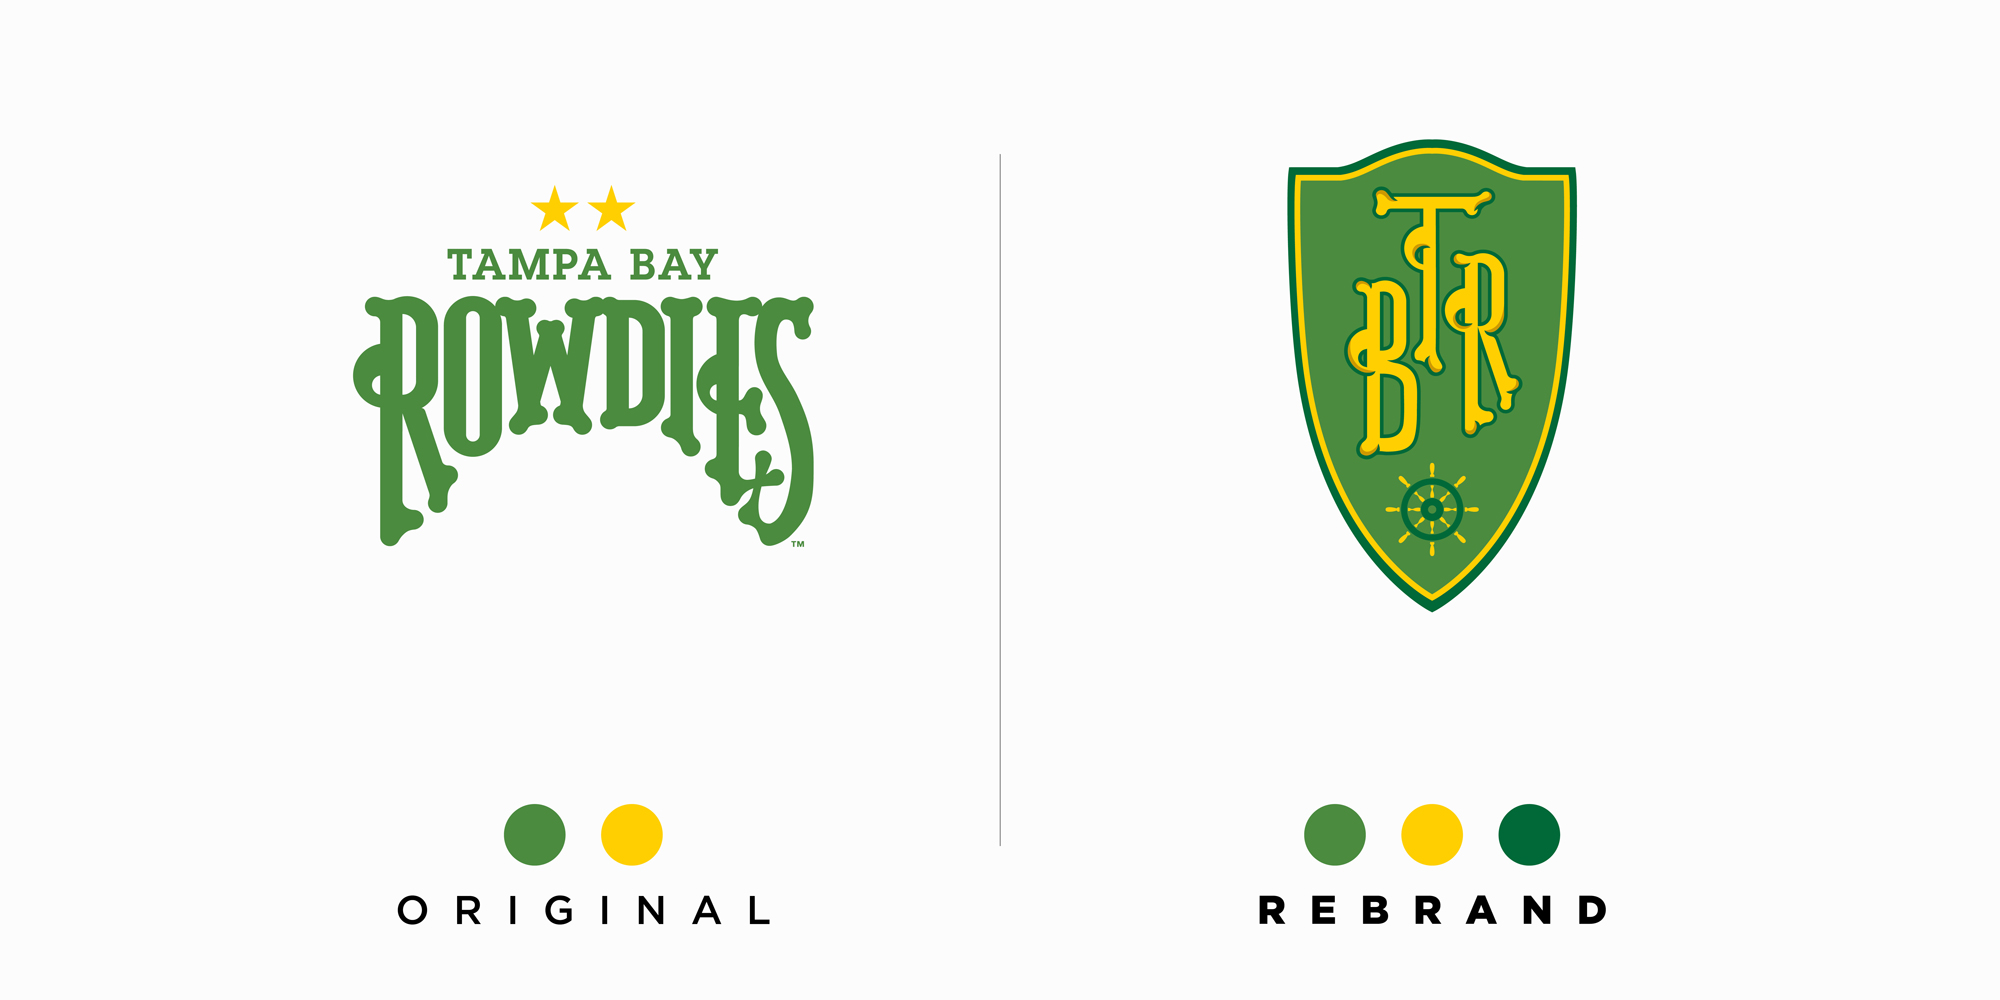 tampa bay rowdies rebrand design by alva tampa bay rowdies rebrand design by alva